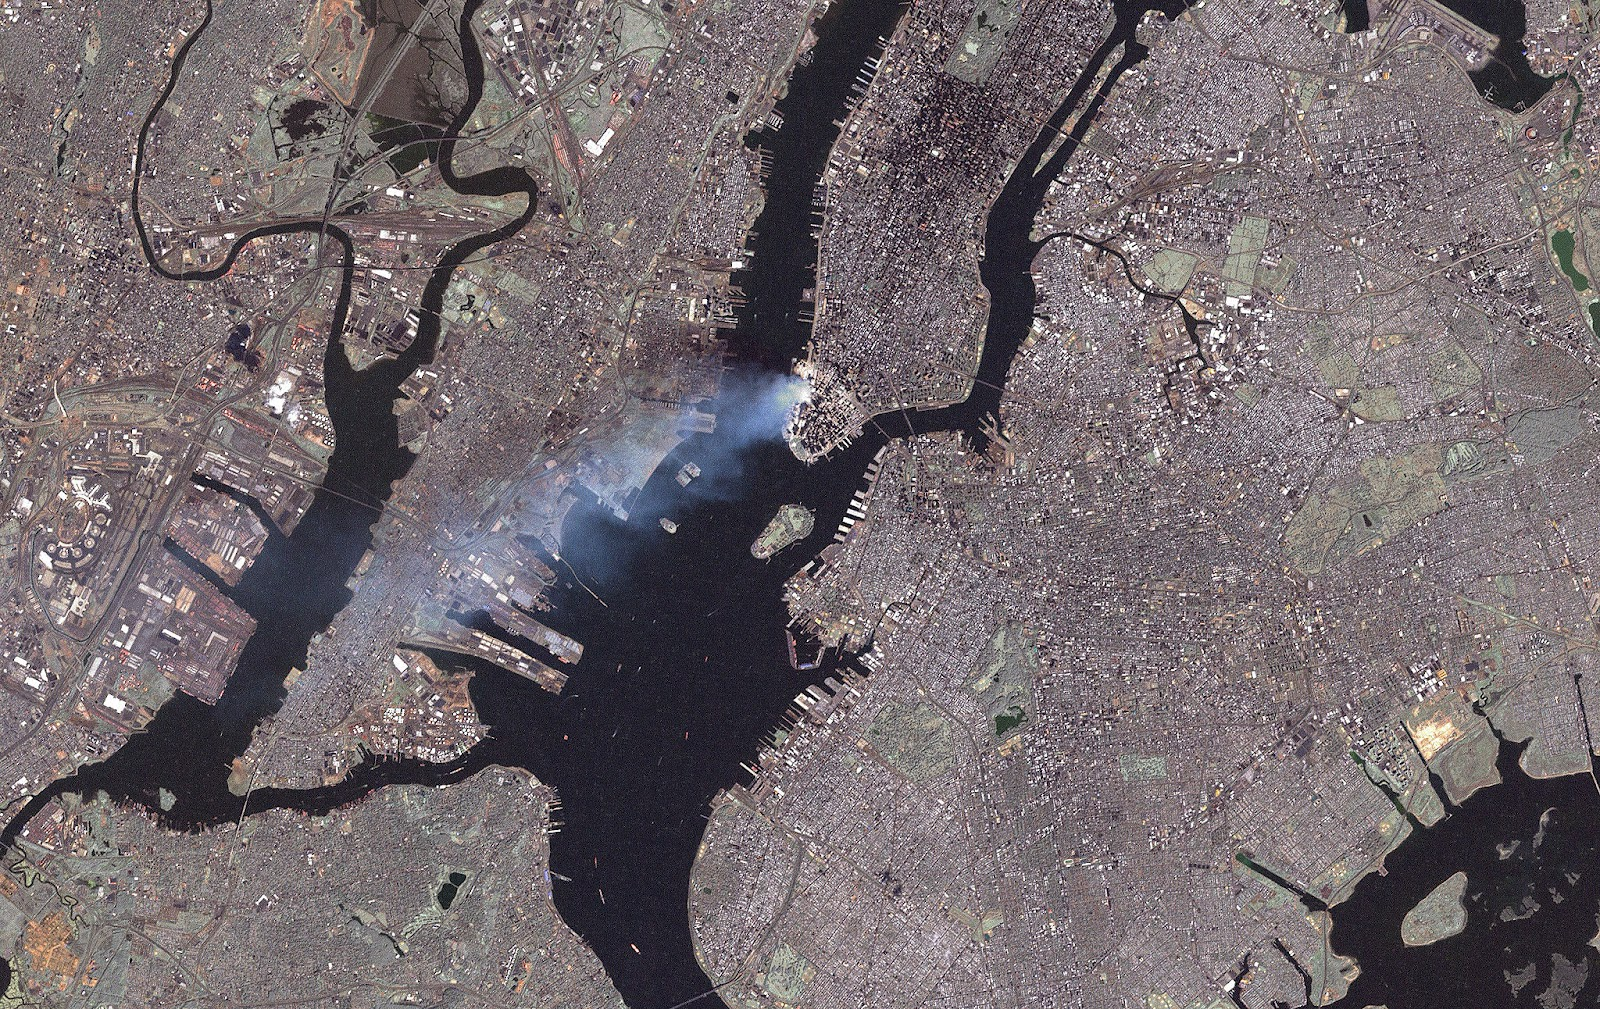 http://3.bp.blogspot.com/-uNhqpBnMkOQ/T7V0vijErZI/AAAAAAAAAF8/vaWE0W2ExcU/s1600/9-11+WTC+from+space.jpg